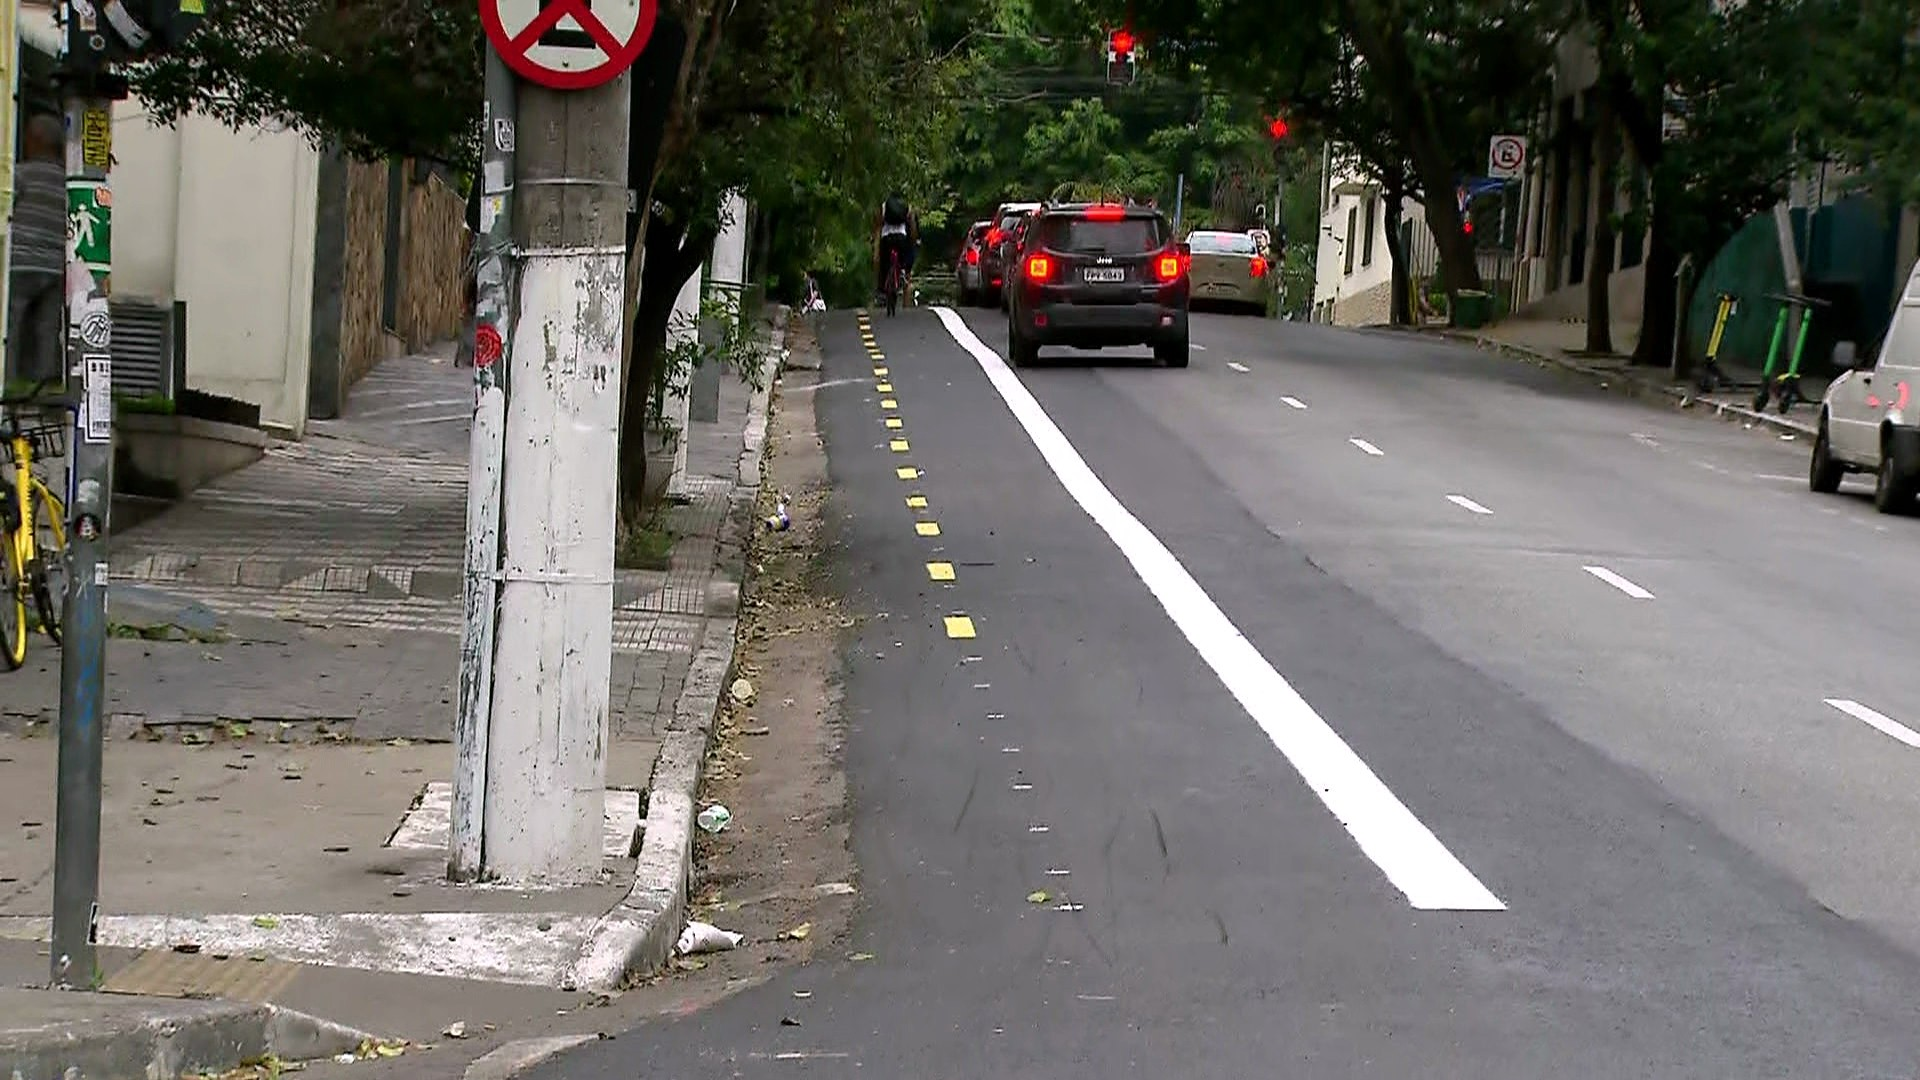 Prefeitura apaga a cor vermelha das ciclovias de São Paulo - Notícias - Plantão Diário